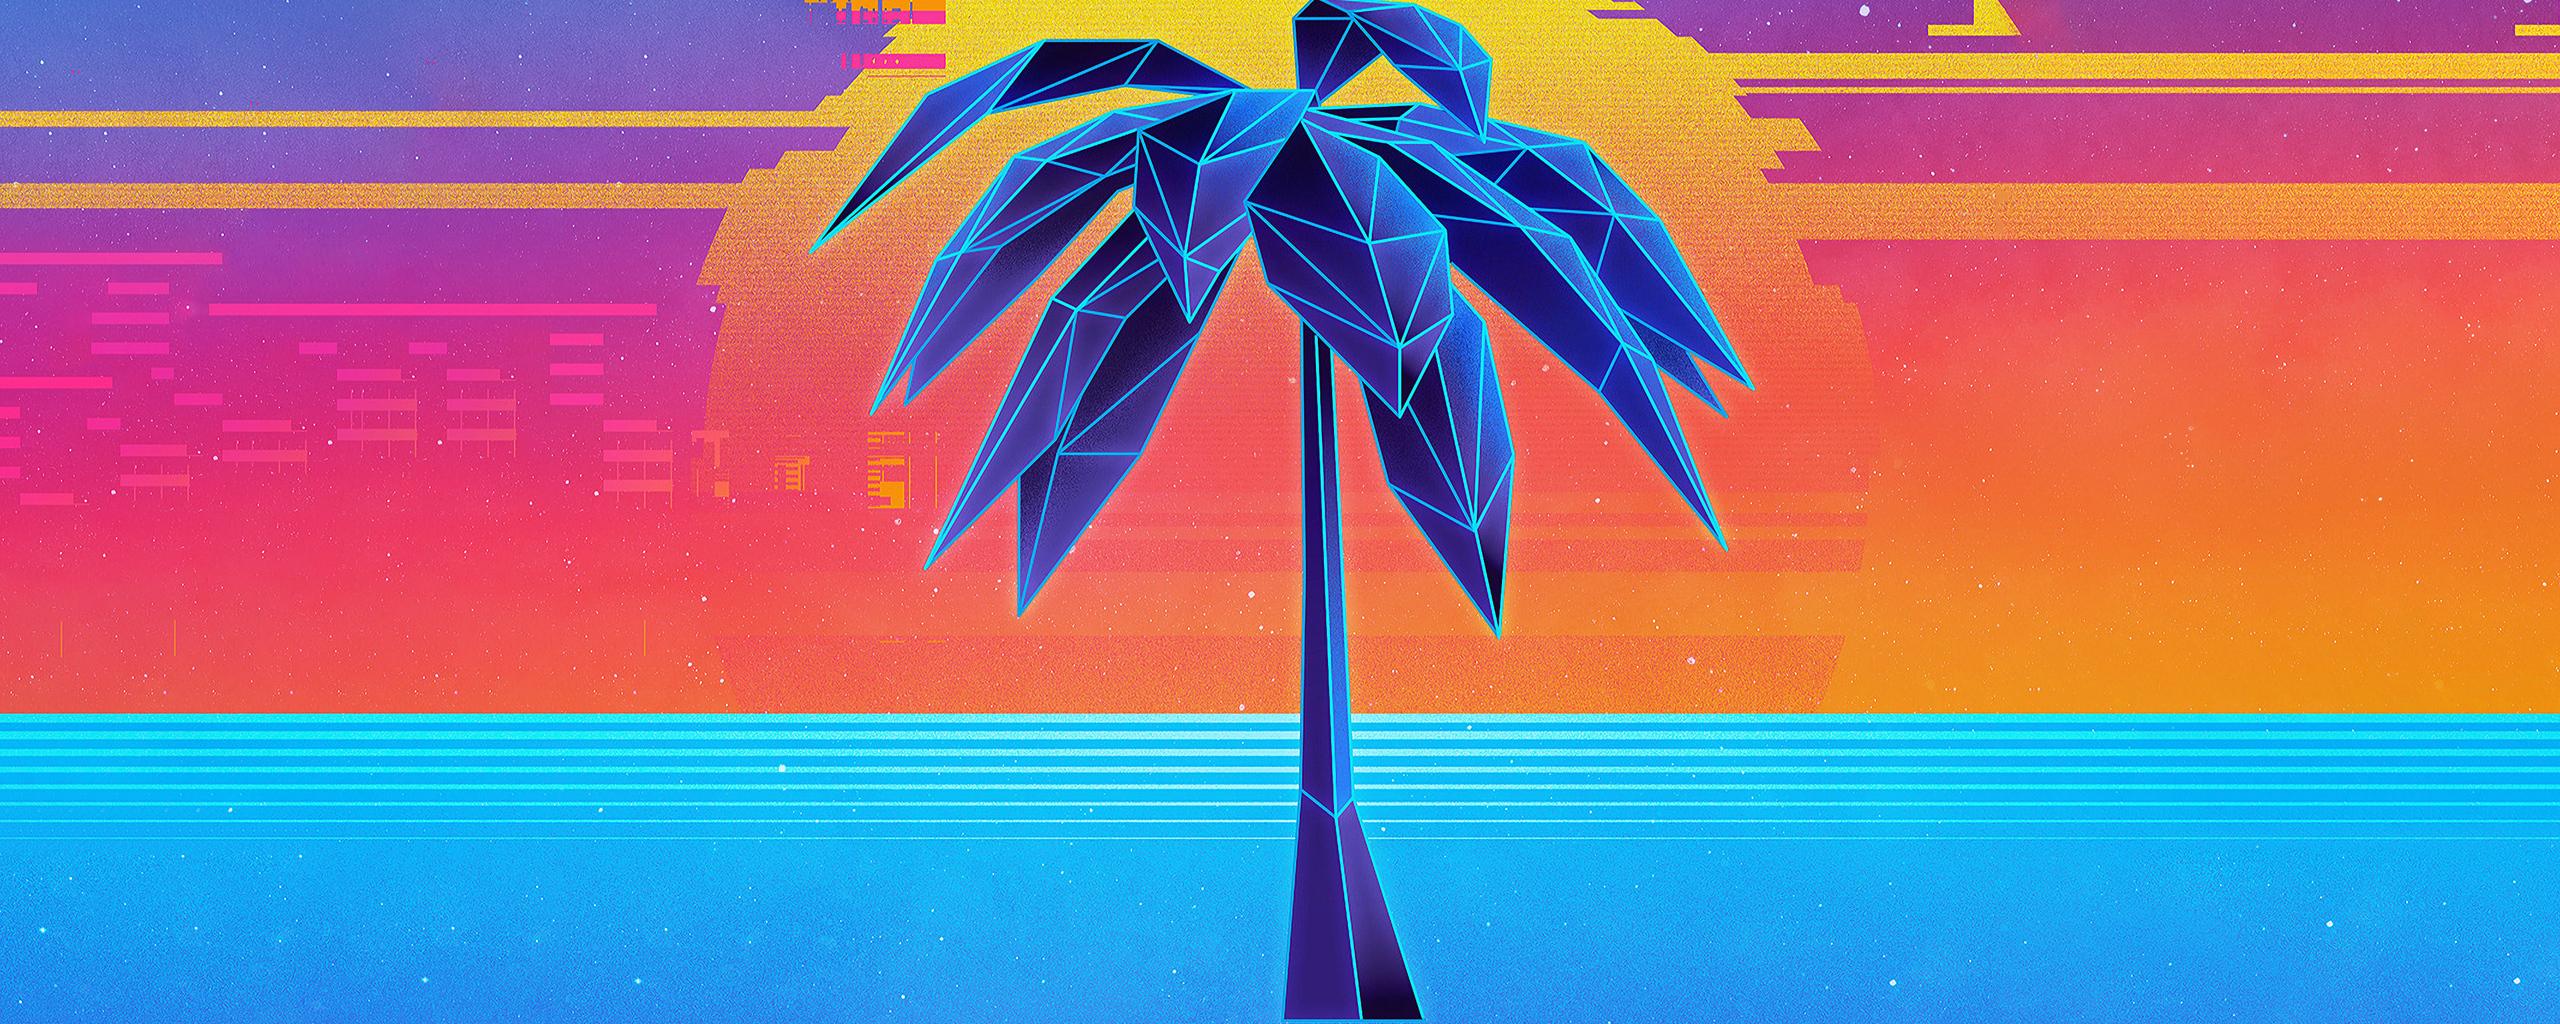 retro-abstract-tree-4k-3c.jpg